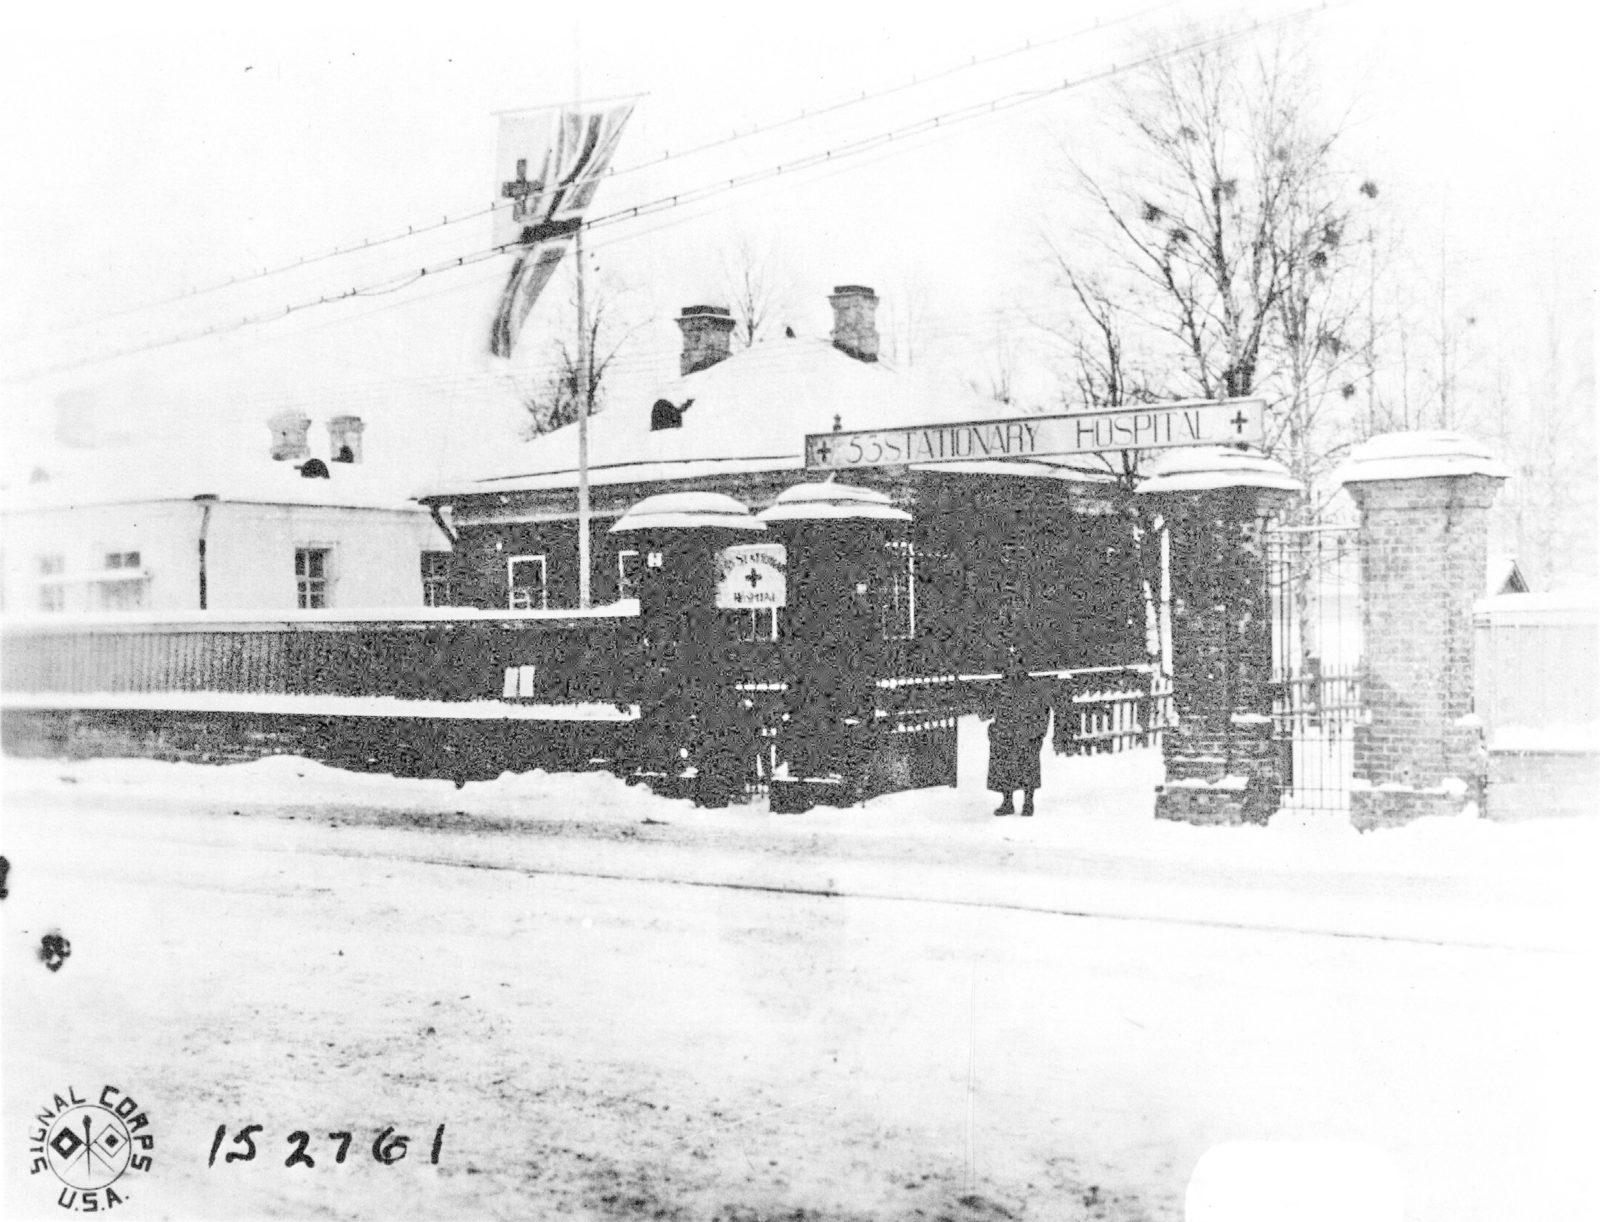 53 Stationary Hospital. Intervention, 1917, Arkhangelsk (Archangel)